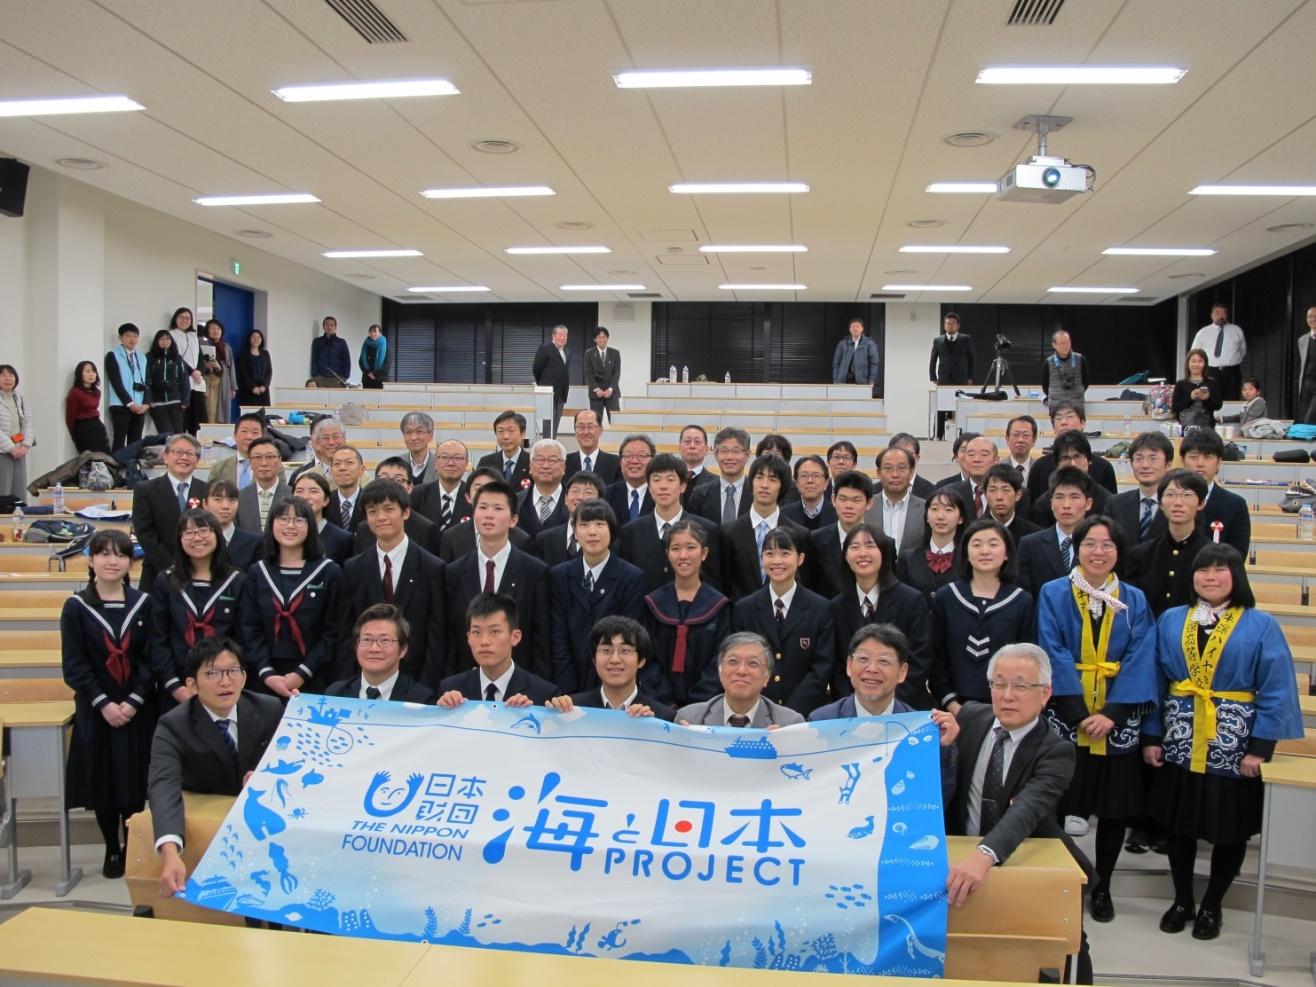 海の宝アカデミックコンテスト2019 全国大会 〜海と日本PROJECT〜